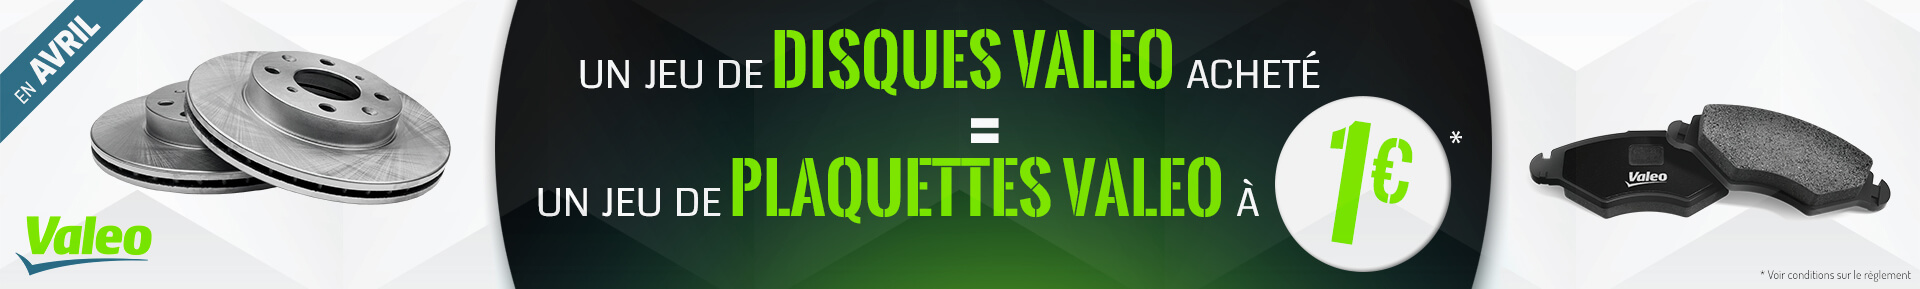 Un jeu de disques VALEO acheté = un jeu de plaquettes VALEO à 1€ *